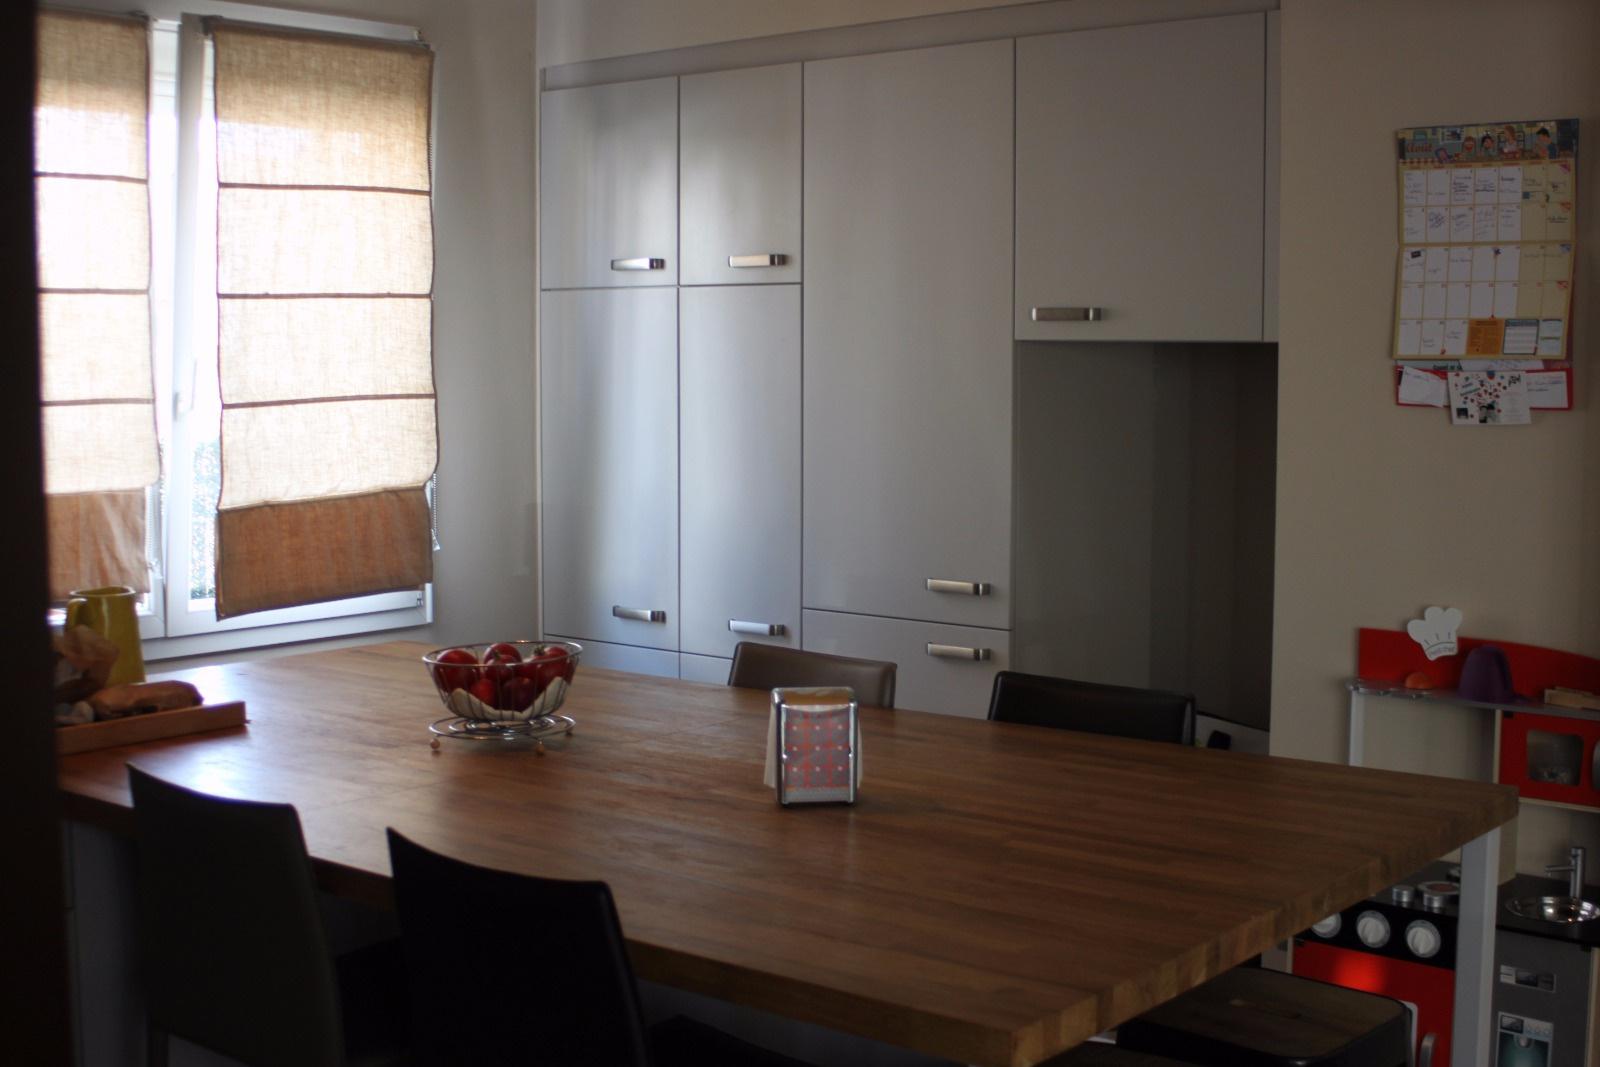 annonce vente maison saint brieuc 22000 102 m 157 500 992737151123. Black Bedroom Furniture Sets. Home Design Ideas